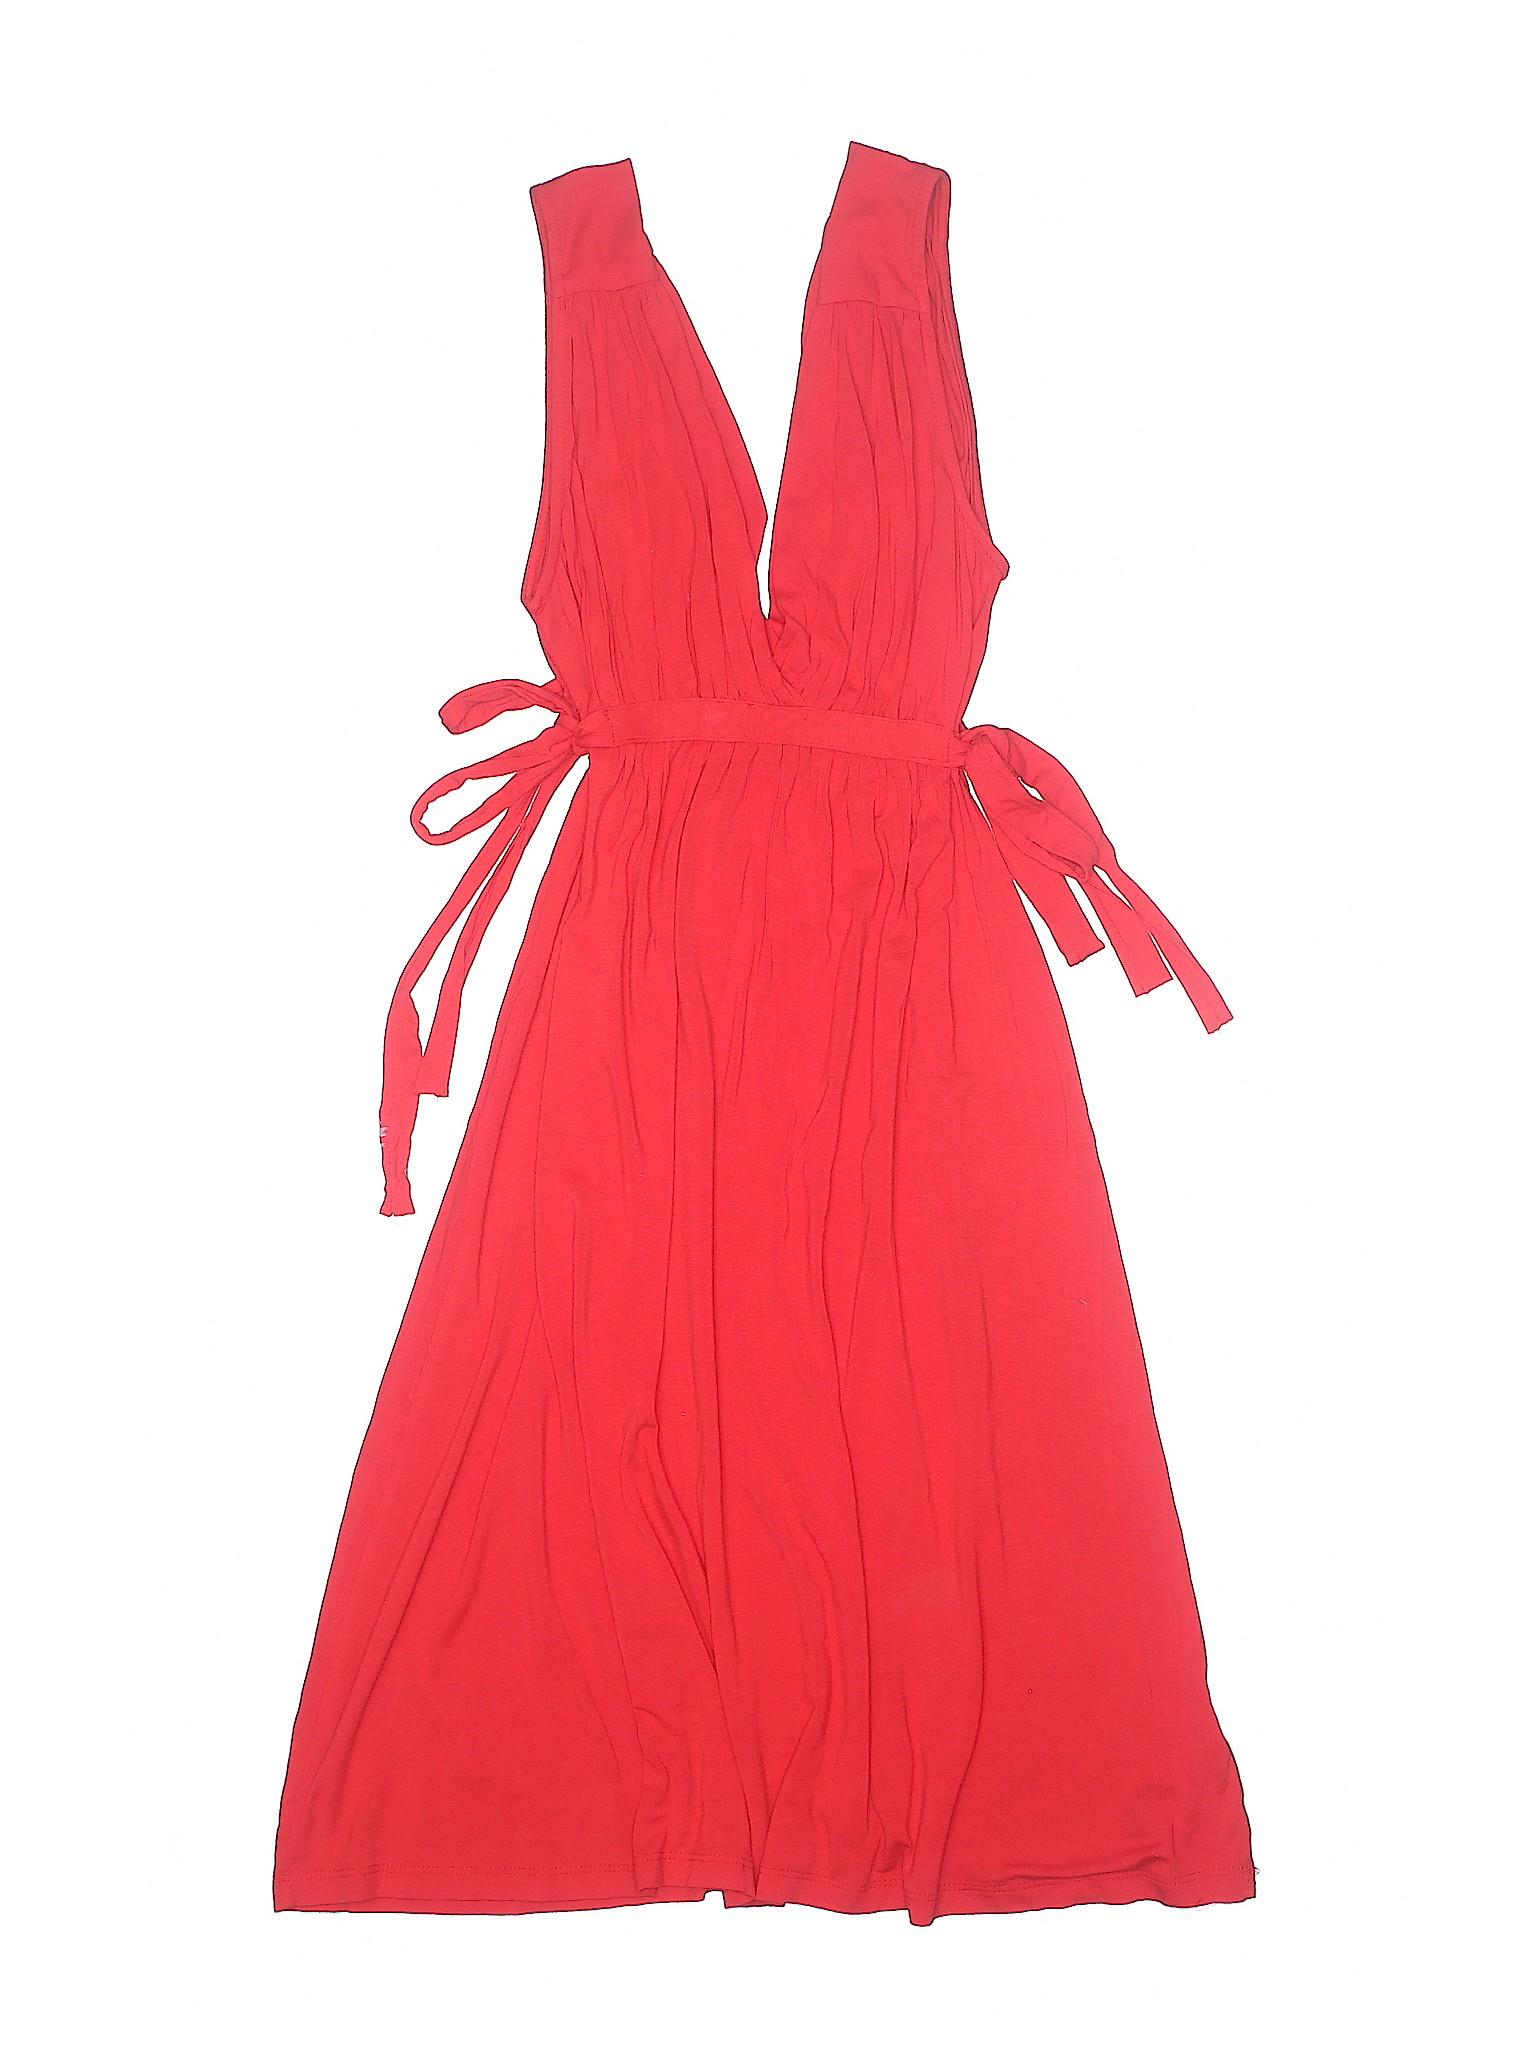 Boutique One winter Casual Dress Twenty wrWqUw7z